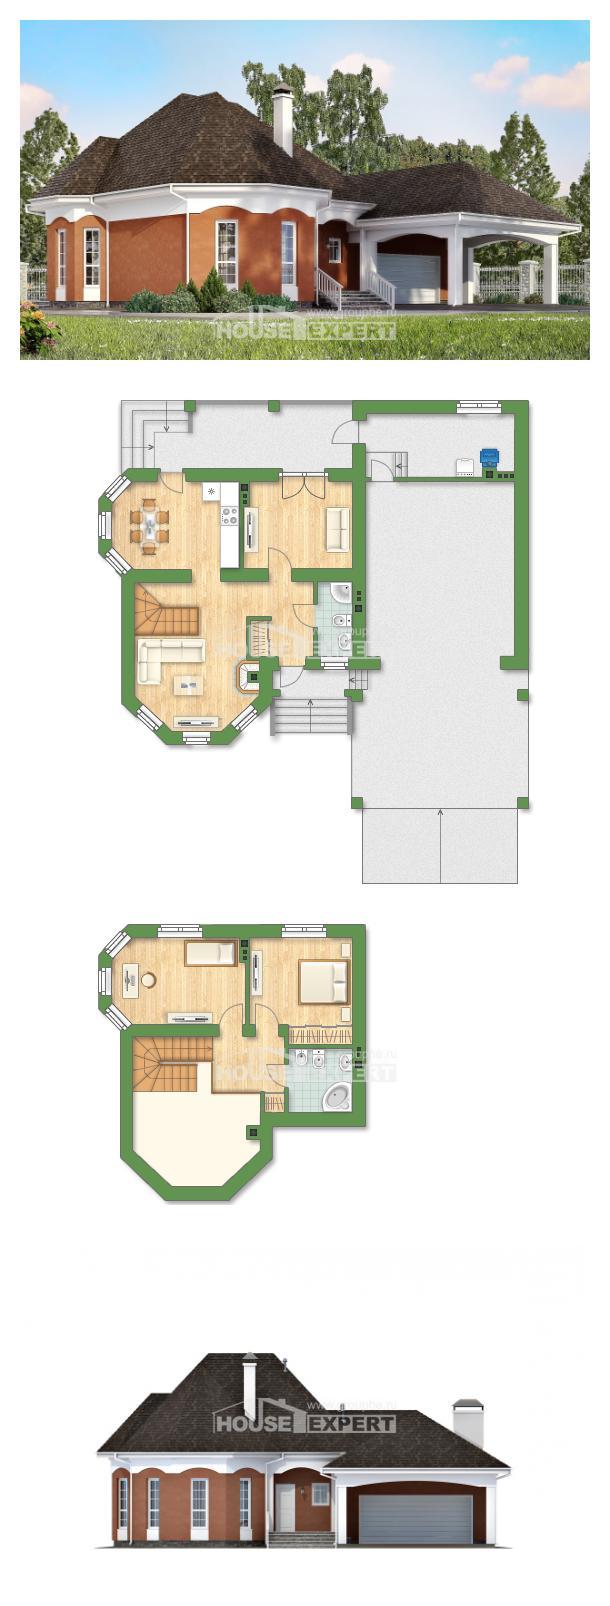 Proyecto de casa 180-007-R   House Expert